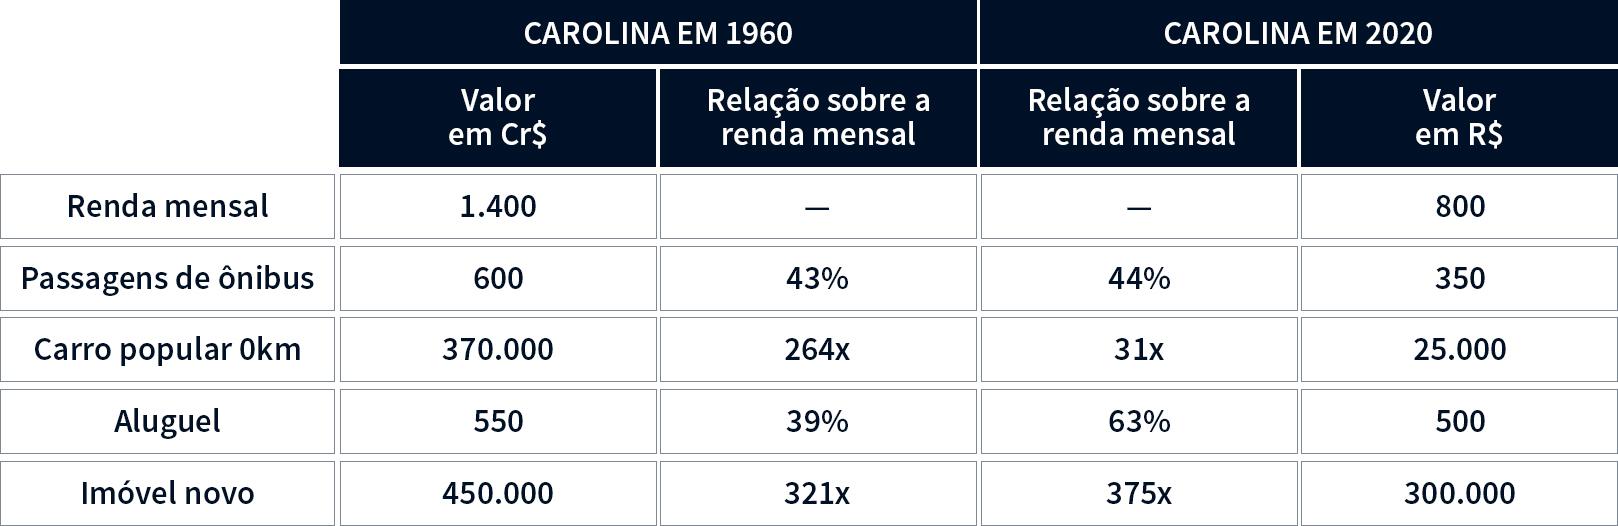 Gráfico comparativo da realidade da Carolina em 1960 com uma projeção do mesmo perfil de renda em 2020. Onde é possível comparar a pobreza urbana dos dois períodos.